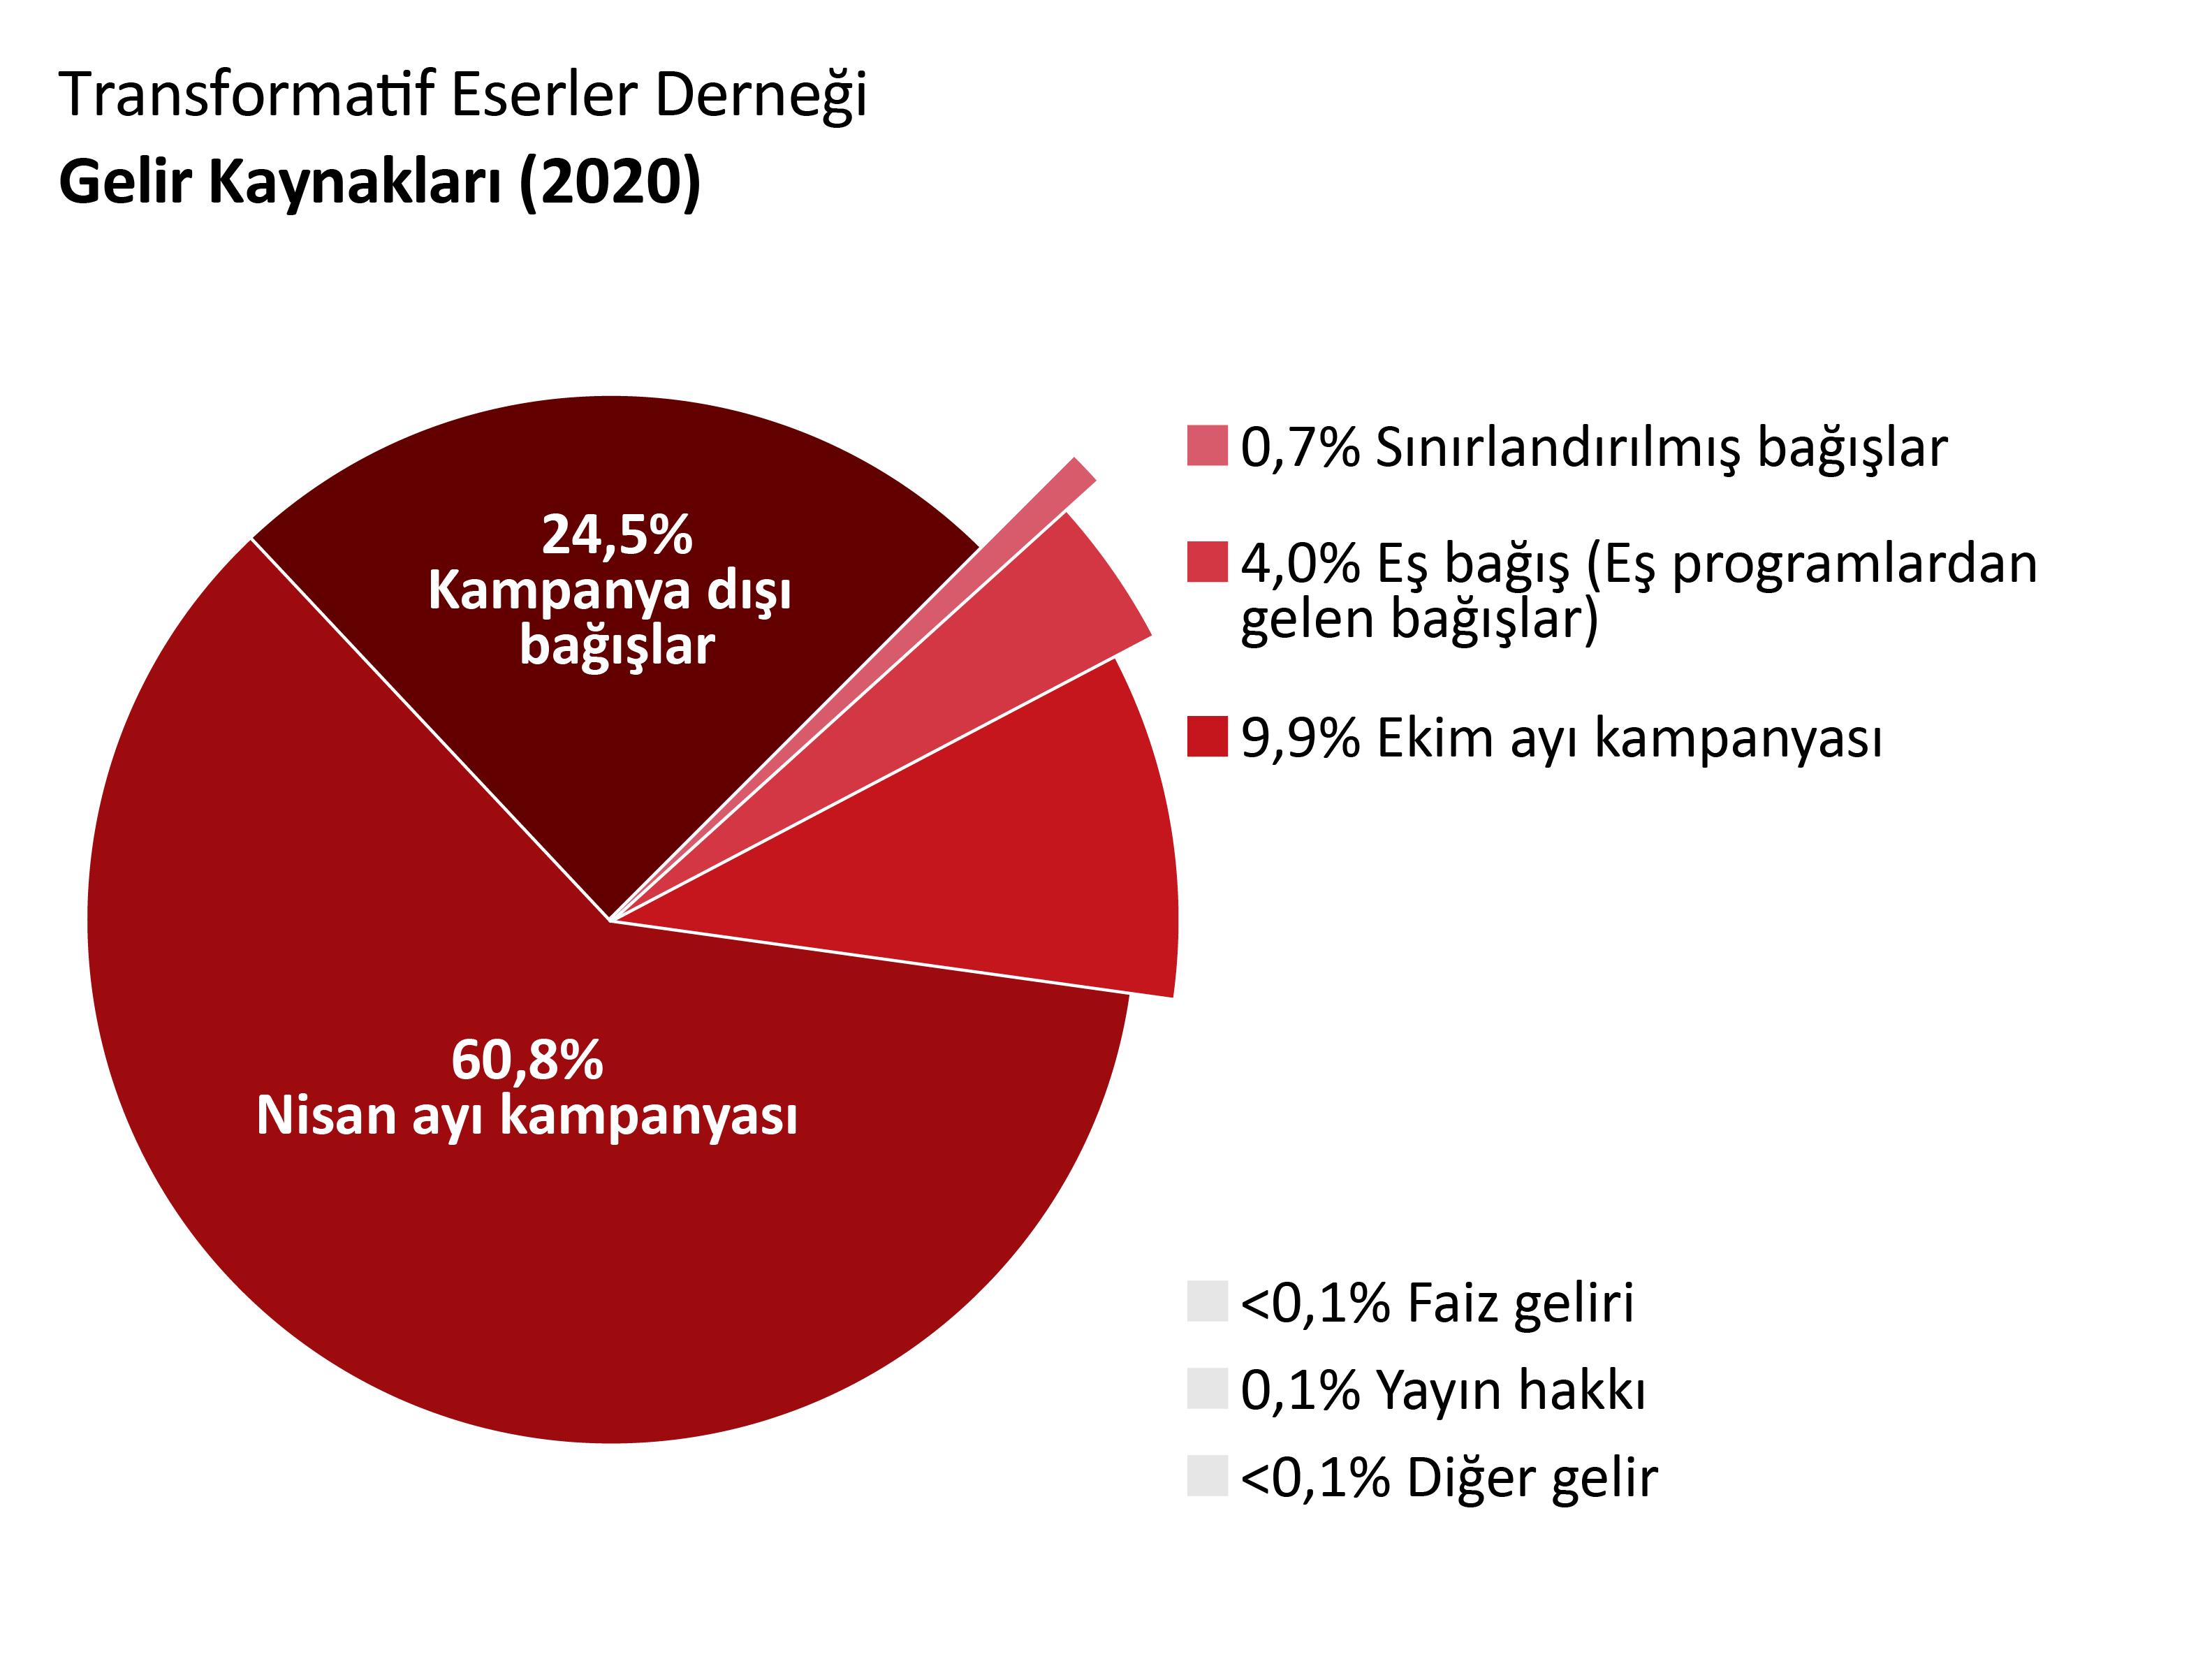 OTW geliri: Nisan Kampanyasında yapılan bağışlar: %60.8. Ekim Kampanyasında yapılan bağışlar: 9.9% Kampanya olmayan bağışlar: 24.5%. Eşleşen programlardan bağışlar: 4.0%. Faiz geliri: <% 0.1. Telif Ücretleri: <% 0.1. Diğer Gelirler:<%0.1. Gizli bağışlar: %0.7